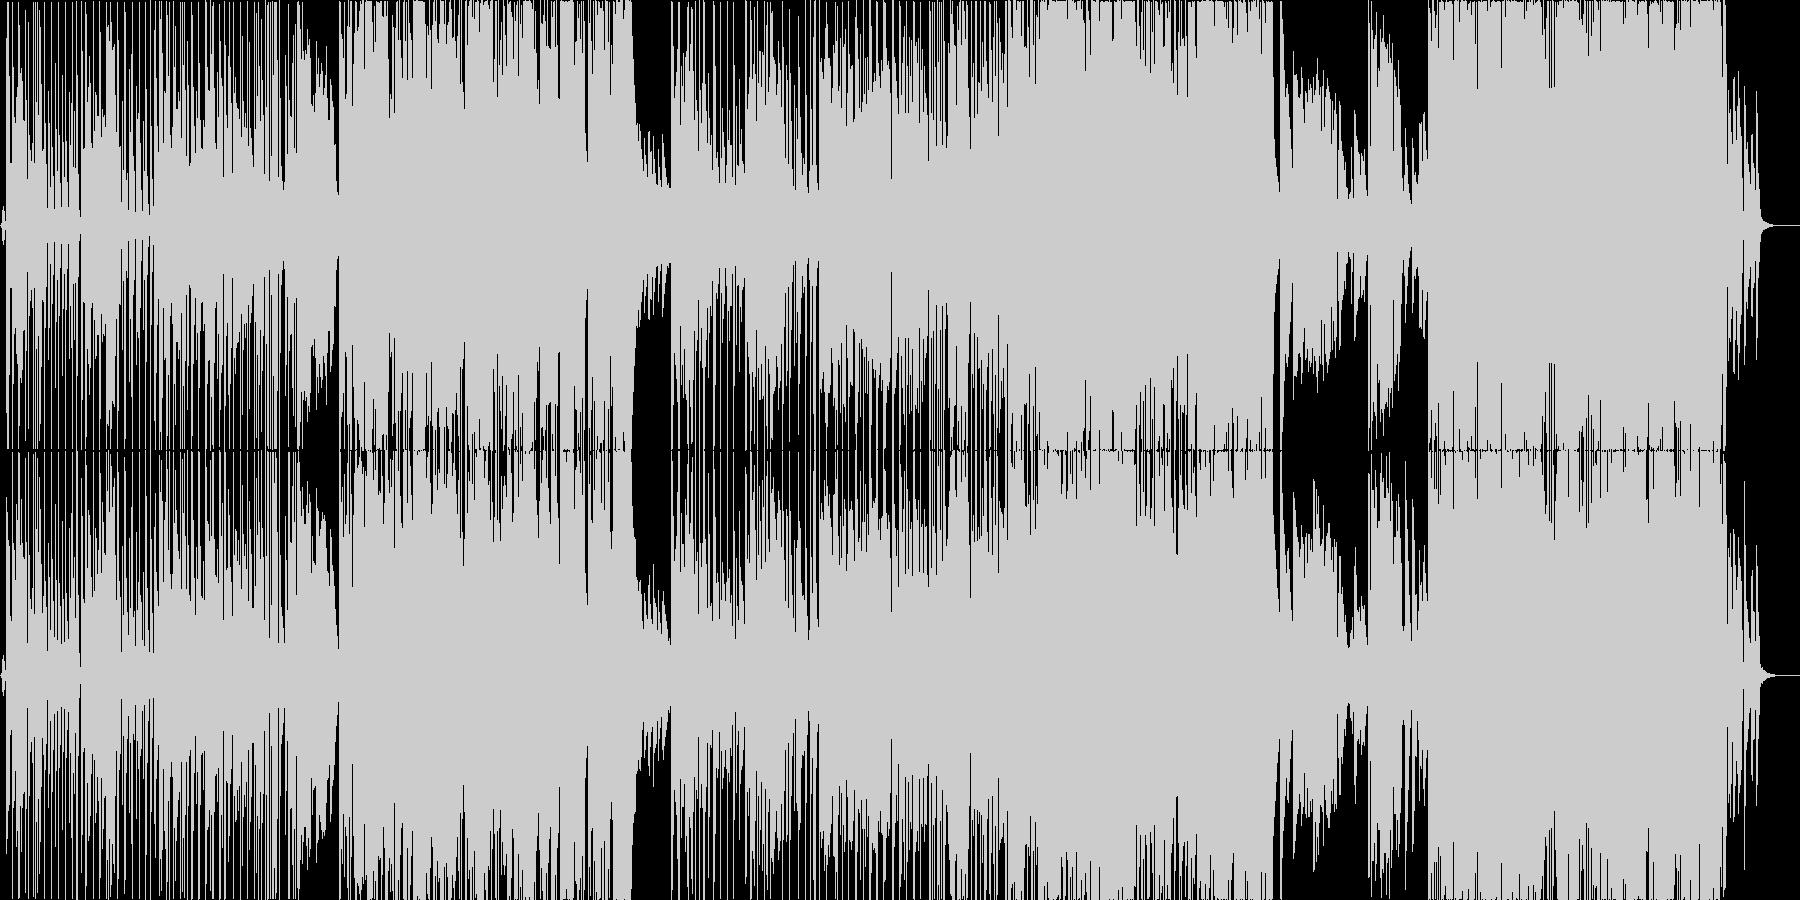 【生演奏】ピアノ旋律が印象的なポップスの未再生の波形